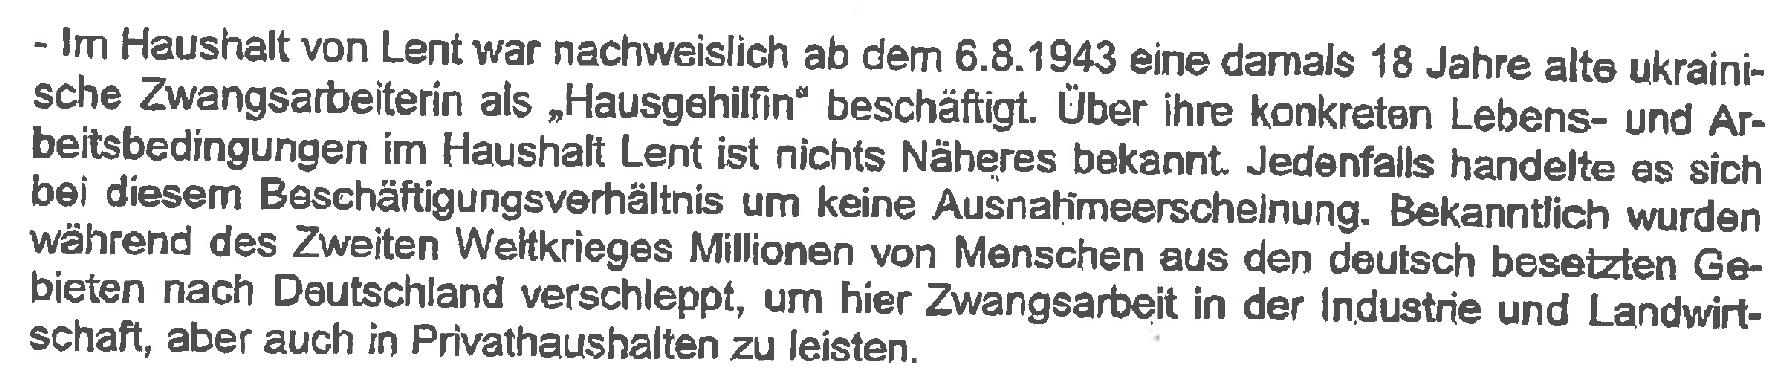 Gutachten_Vogel_Helmut_Lent_Zwangsarbeiterin